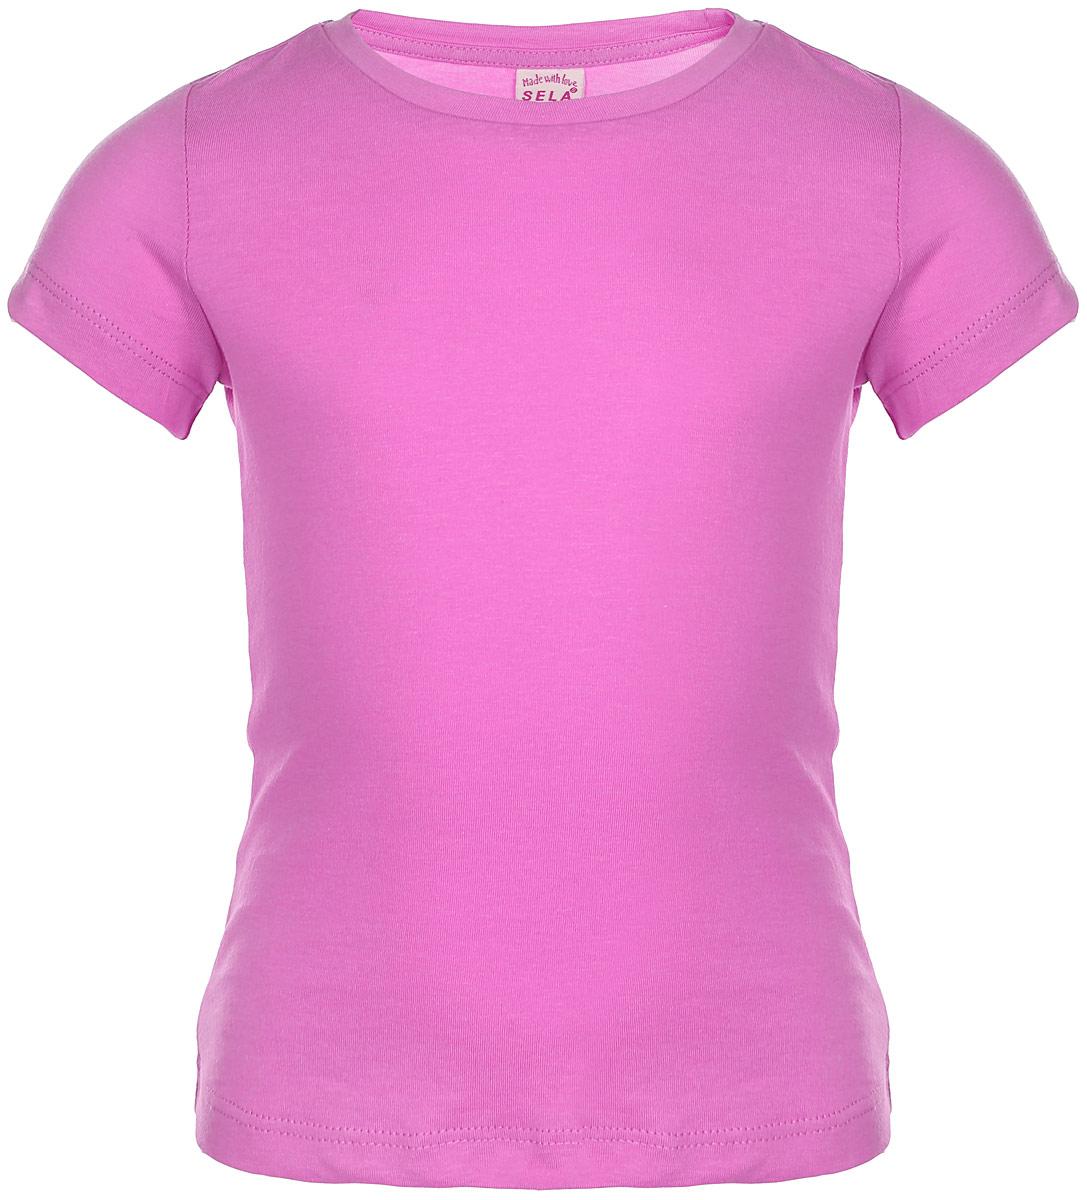 Футболка для девочки. Ts-511/289-6352Ts-511/289-6352Удобная и стильная футболка Sela идеально подойдет вашей дочурке. Изготовленная из натурального хлопка, она невероятно мягкая и приятная на ощупь, не раздражает даже самую нежную и чувствительную кожу ребенка, обеспечивая наибольший комфорт, великолепно тянется и превосходно пропускает воздух. Футболка с короткими рукавами и круглым вырезом горловины выполнена в лаконичном стиле. В такой футболке ваша маленькая модница будет чувствовать себя уютно и комфортно.